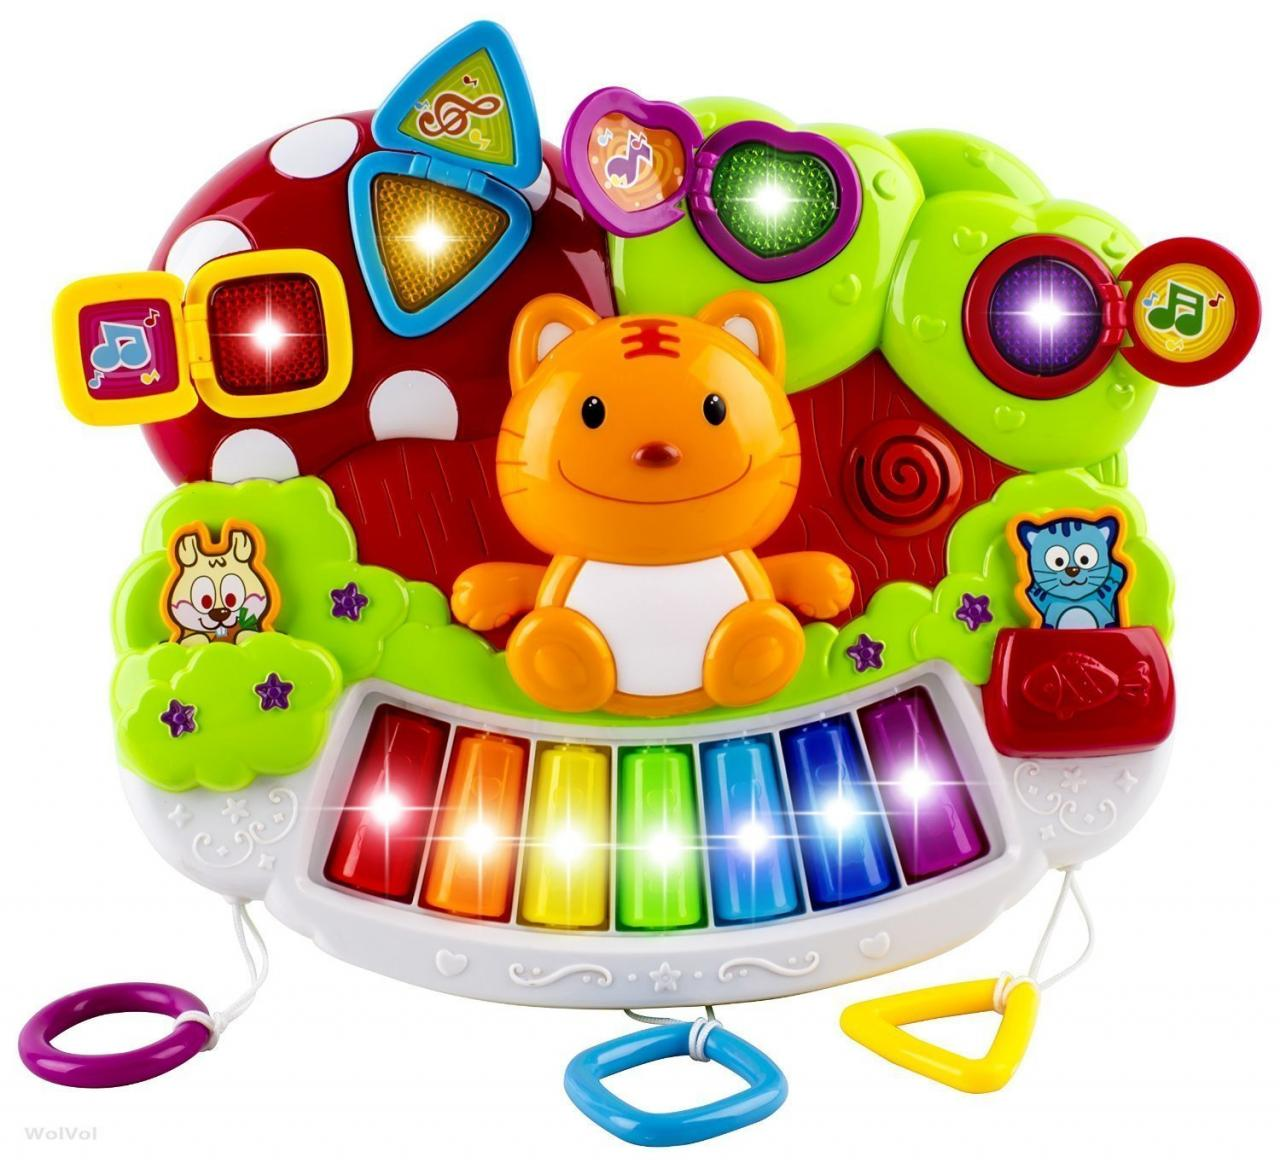 Amazon Toys 10 คีย์สินค้า ปี 2016 มีคนถามถึงสินค้ากลุ่มนี้? เลยจัดมาให้ คลิกกันเลย :)